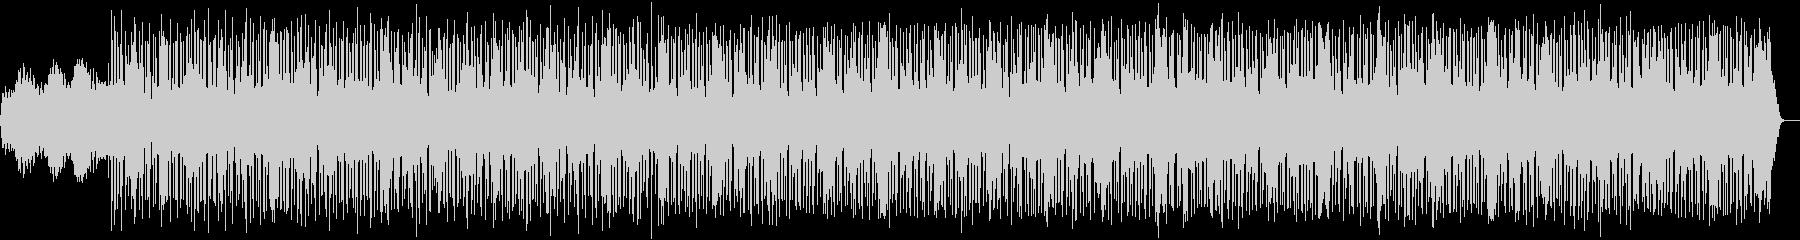 軽快で幻想的なエレクトロニカの未再生の波形